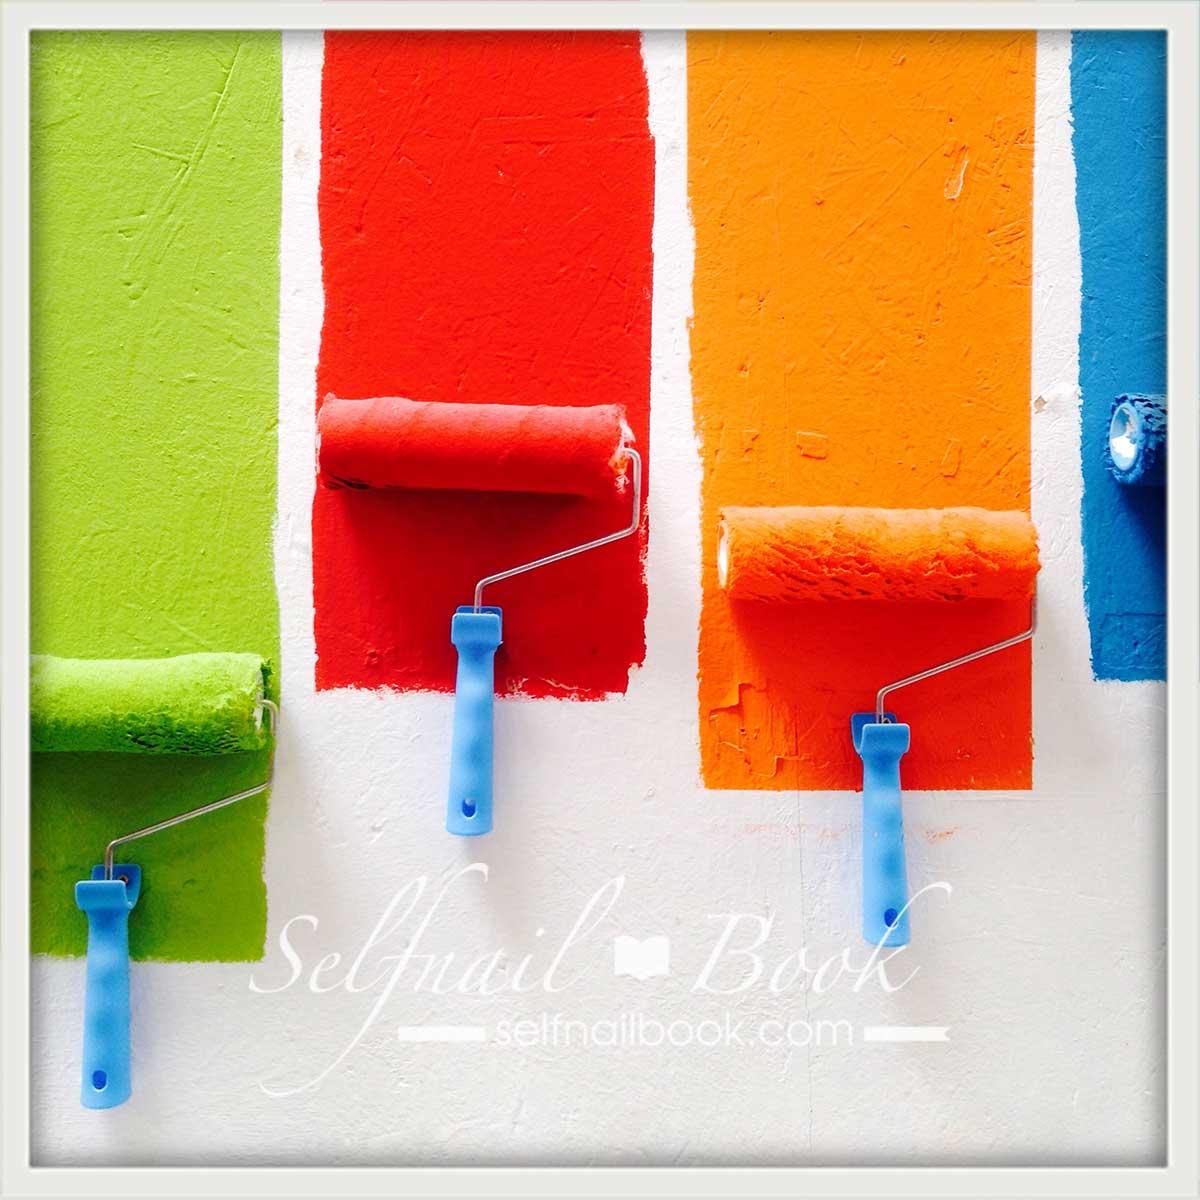 ジェルネイルの塗り方|キレイな仕上がりと持ちを良くするコツ